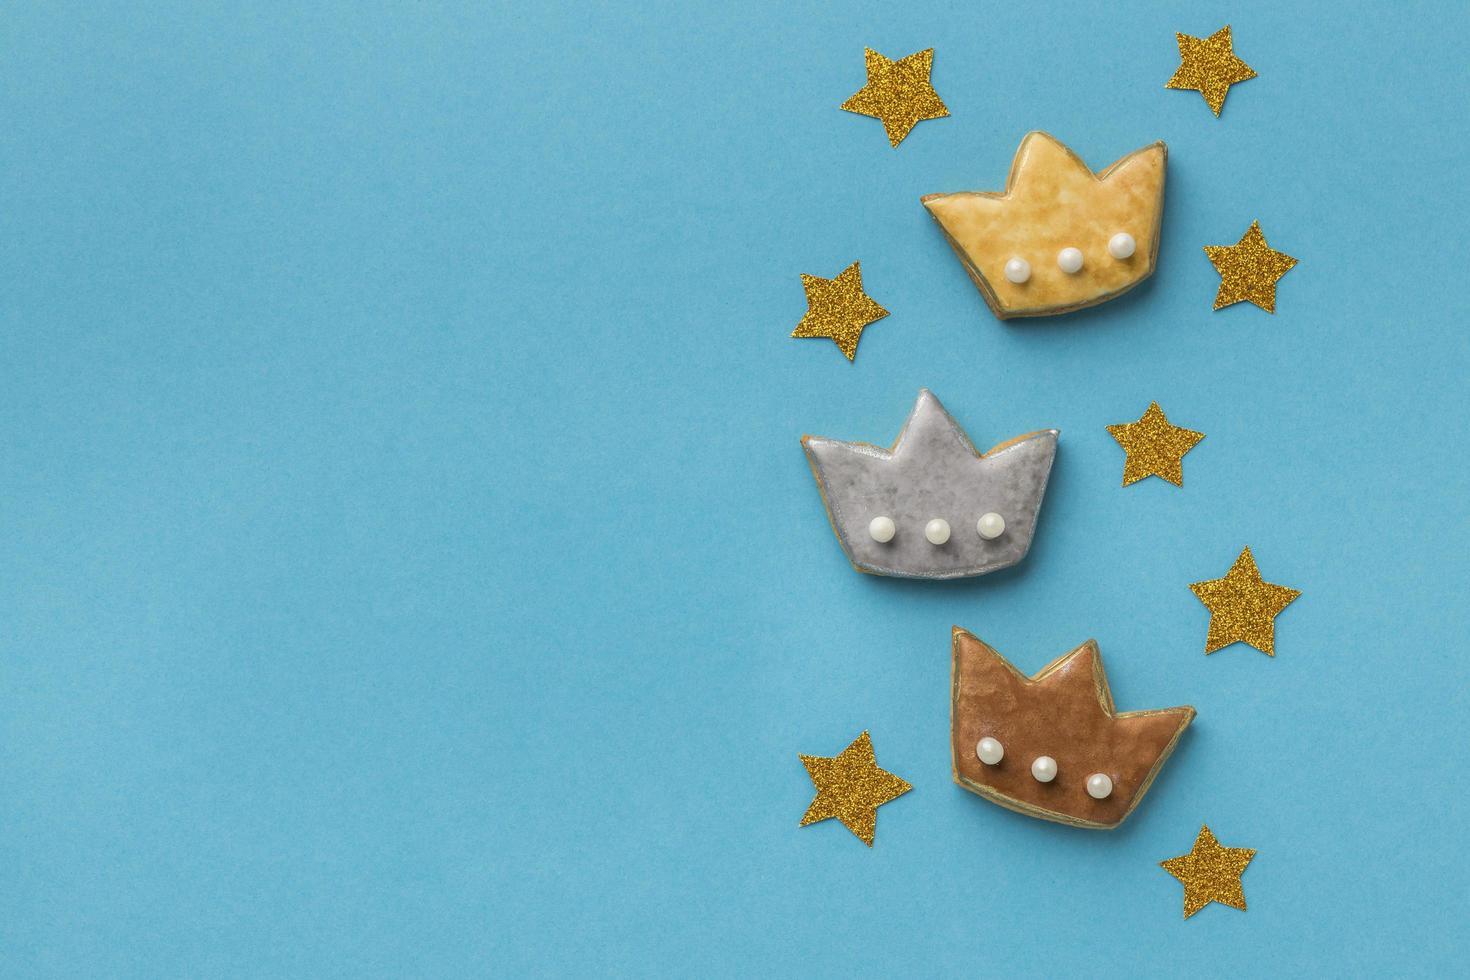 biscuits à la couronne et étoiles pour le jour de l'épiphanie photo